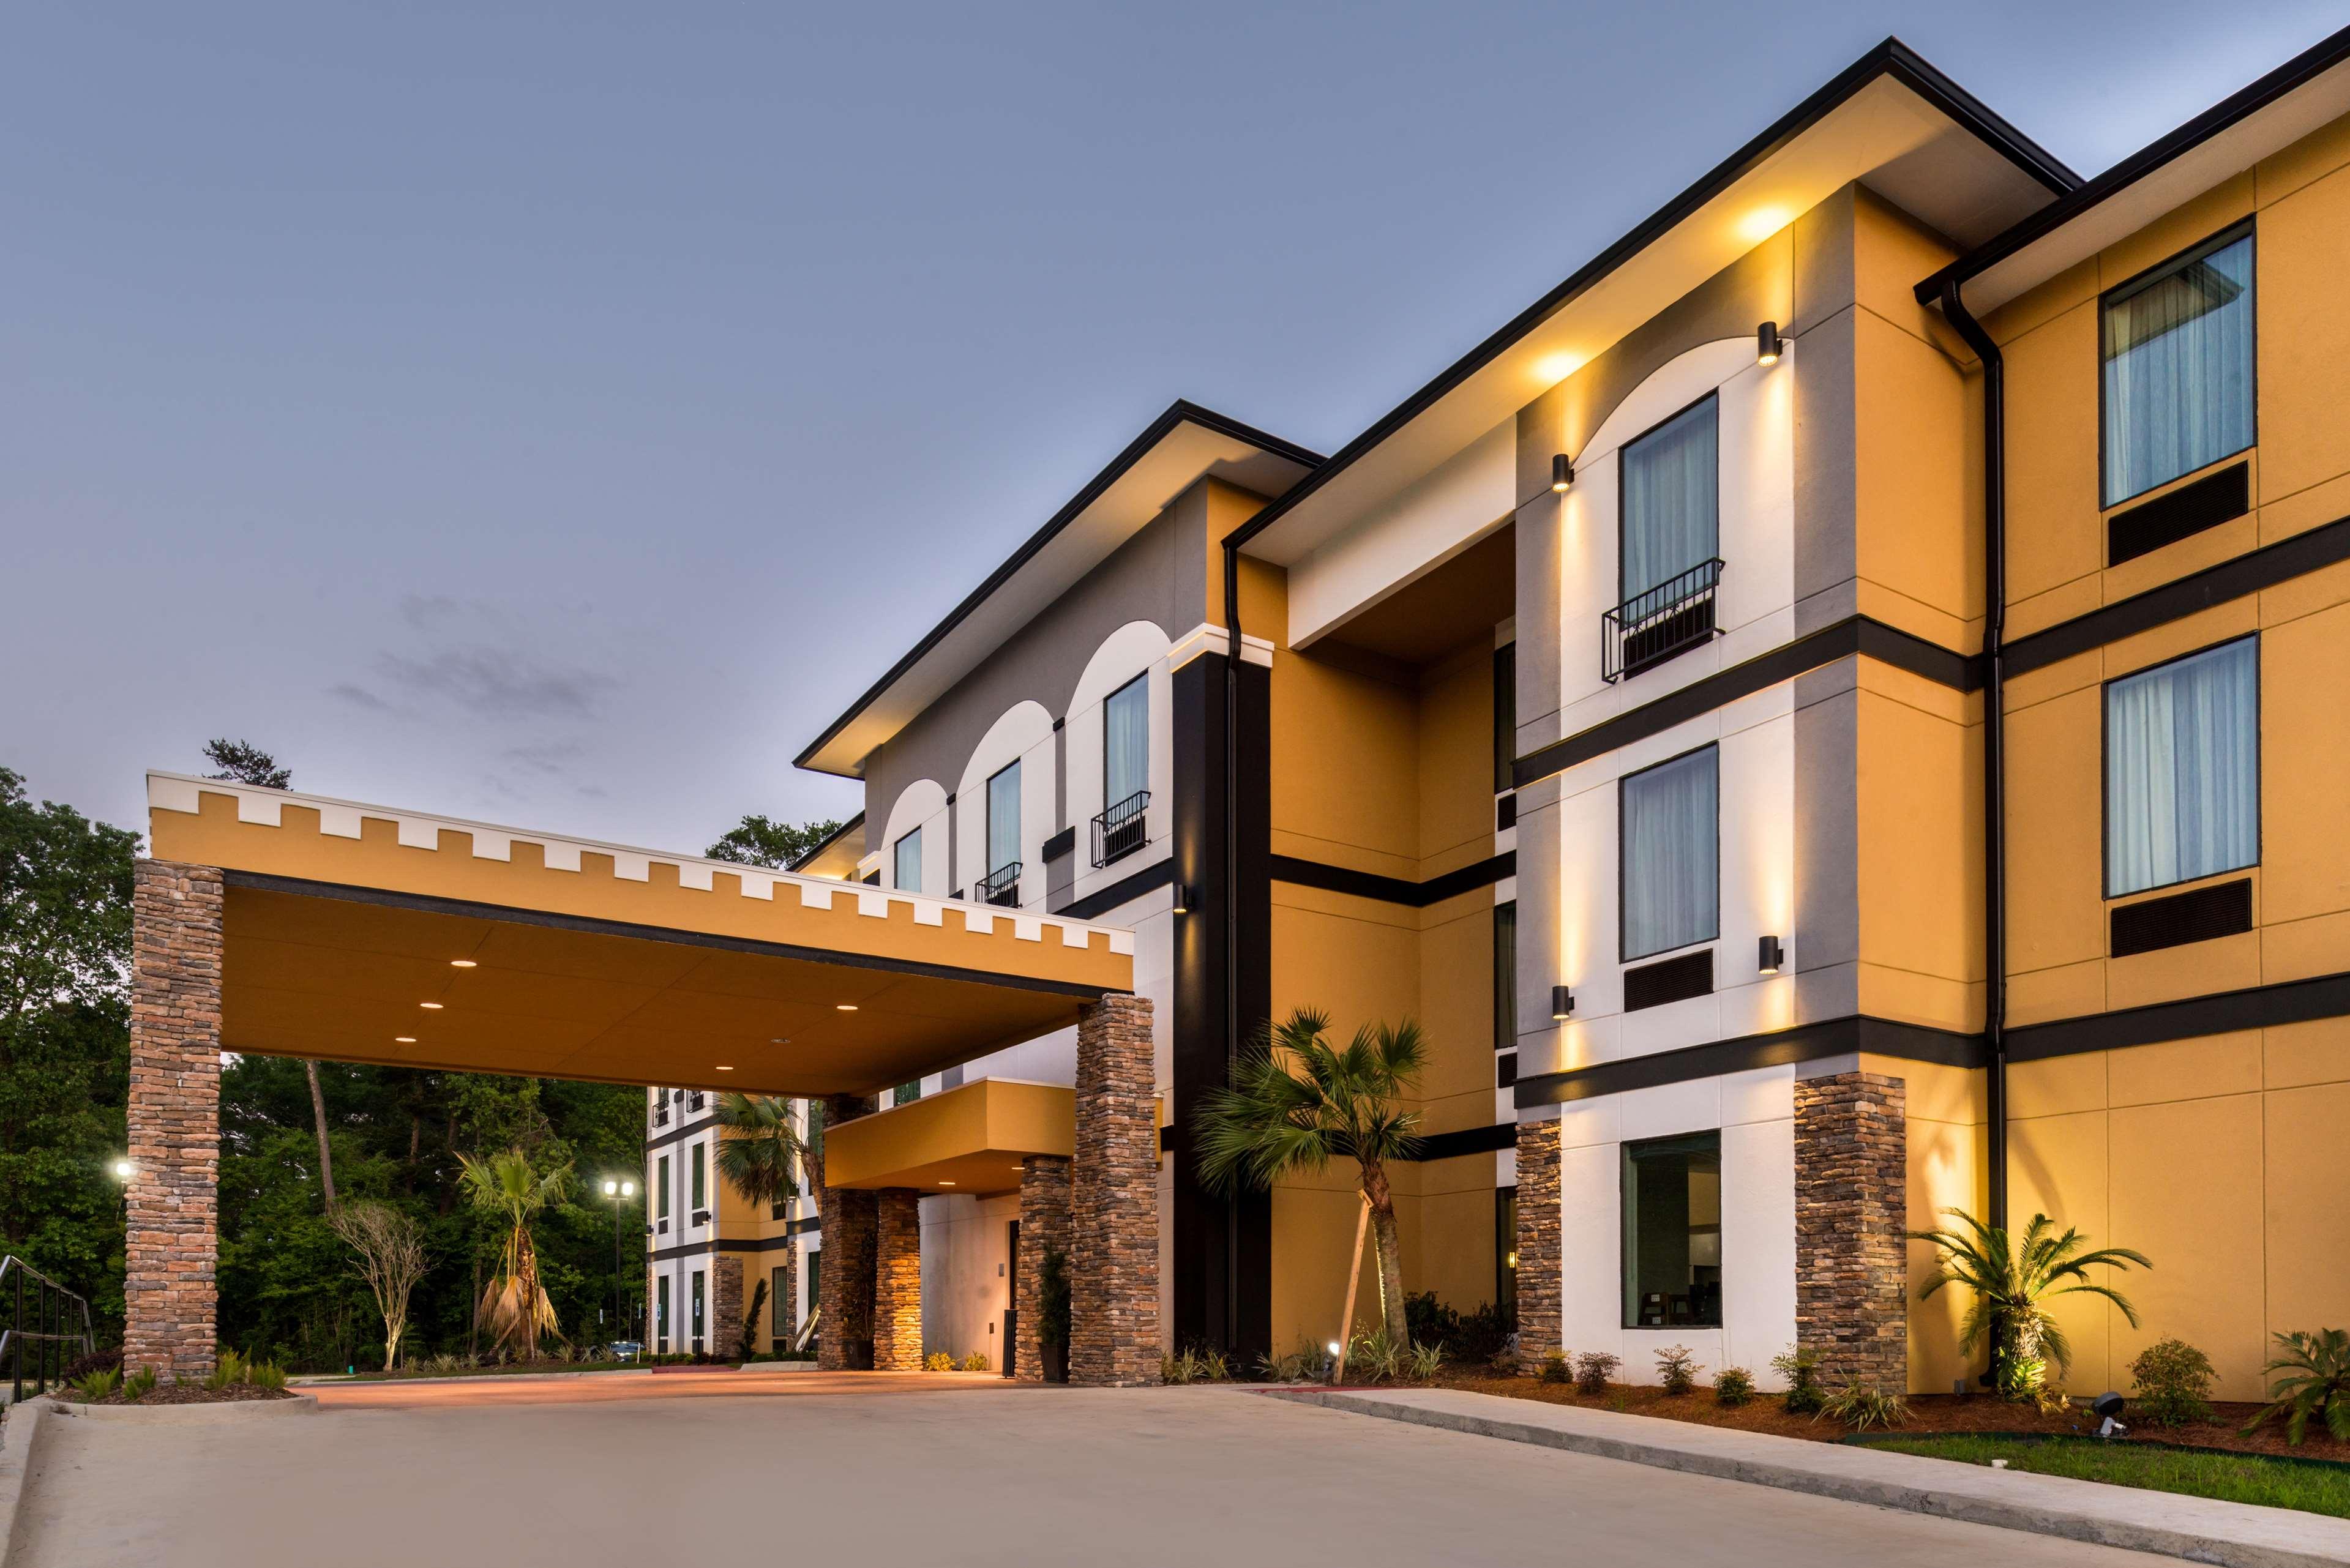 Best Western Plus Regency Park Hotel image 2